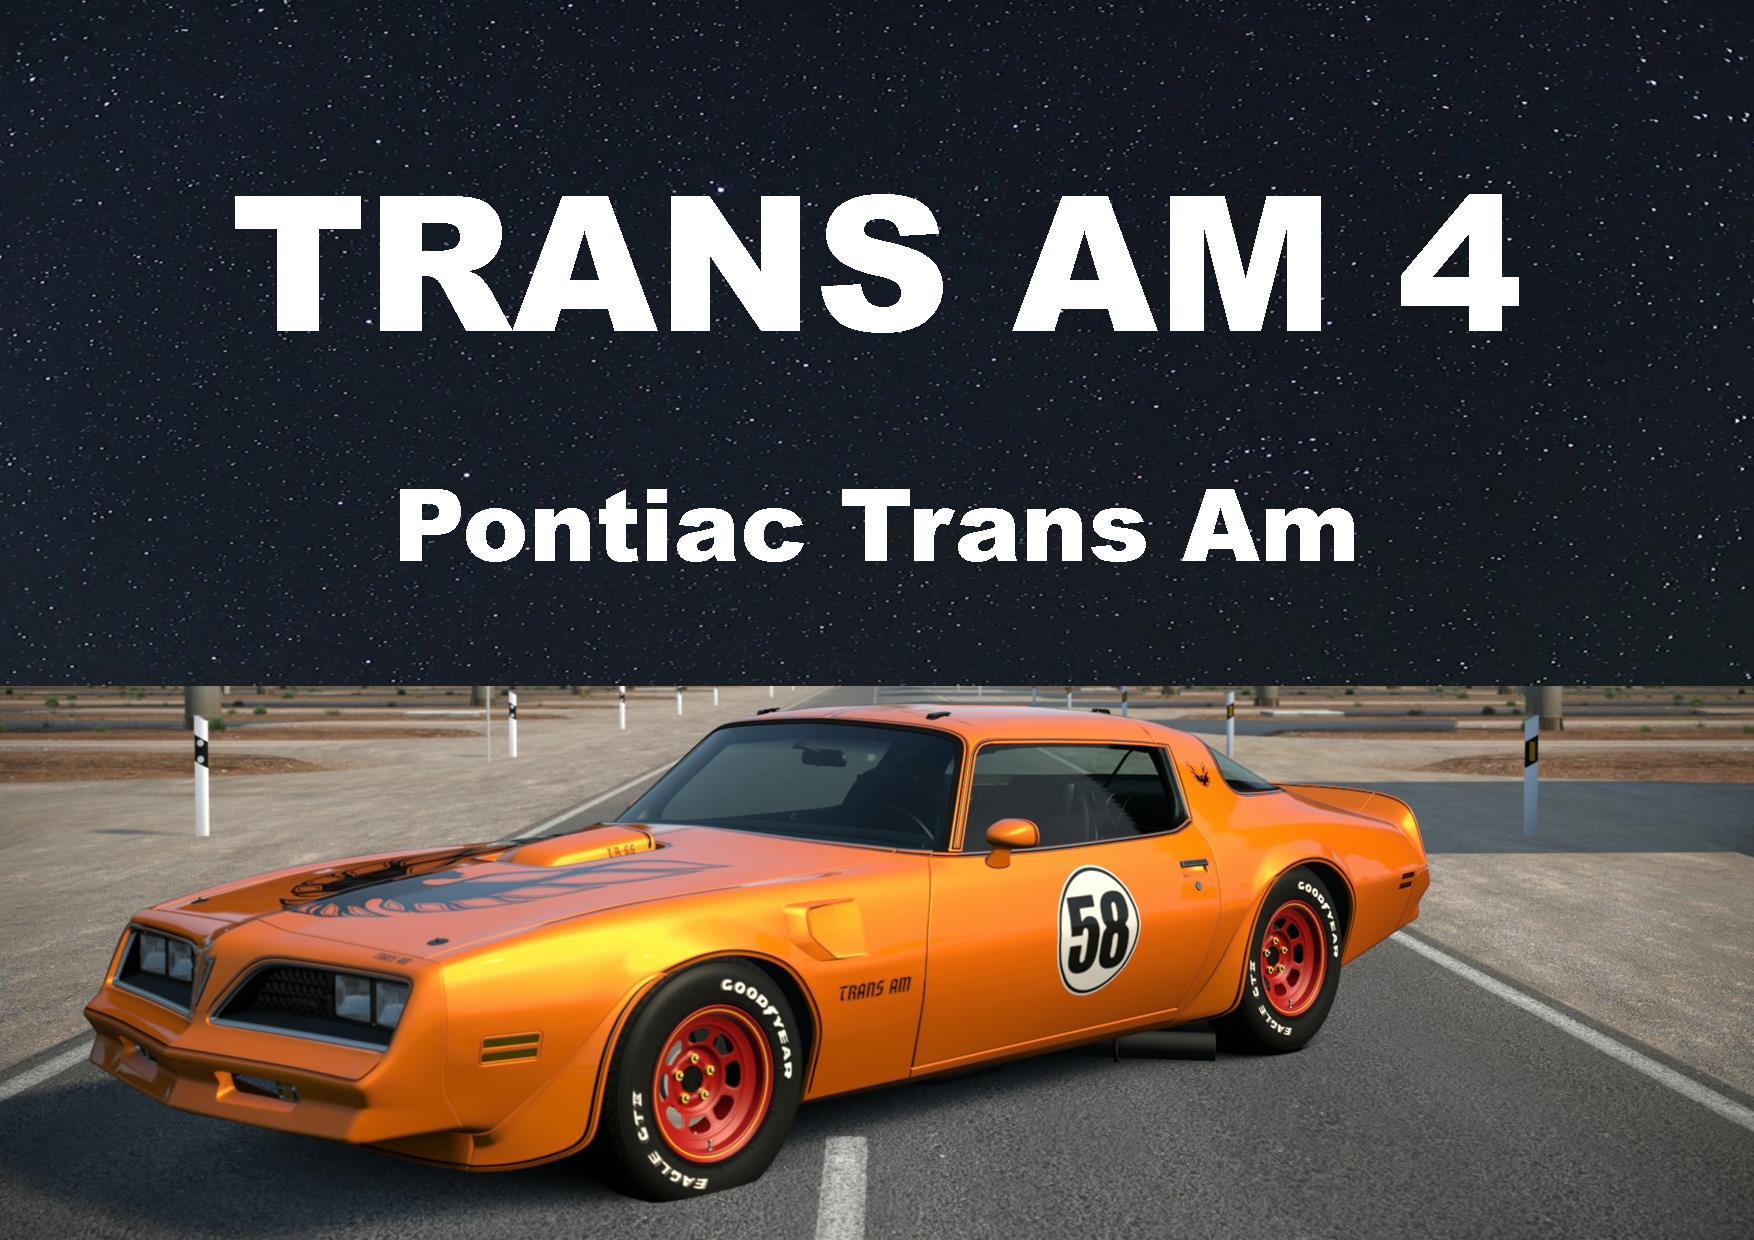 Trans Am 4 Final Poster.jpg